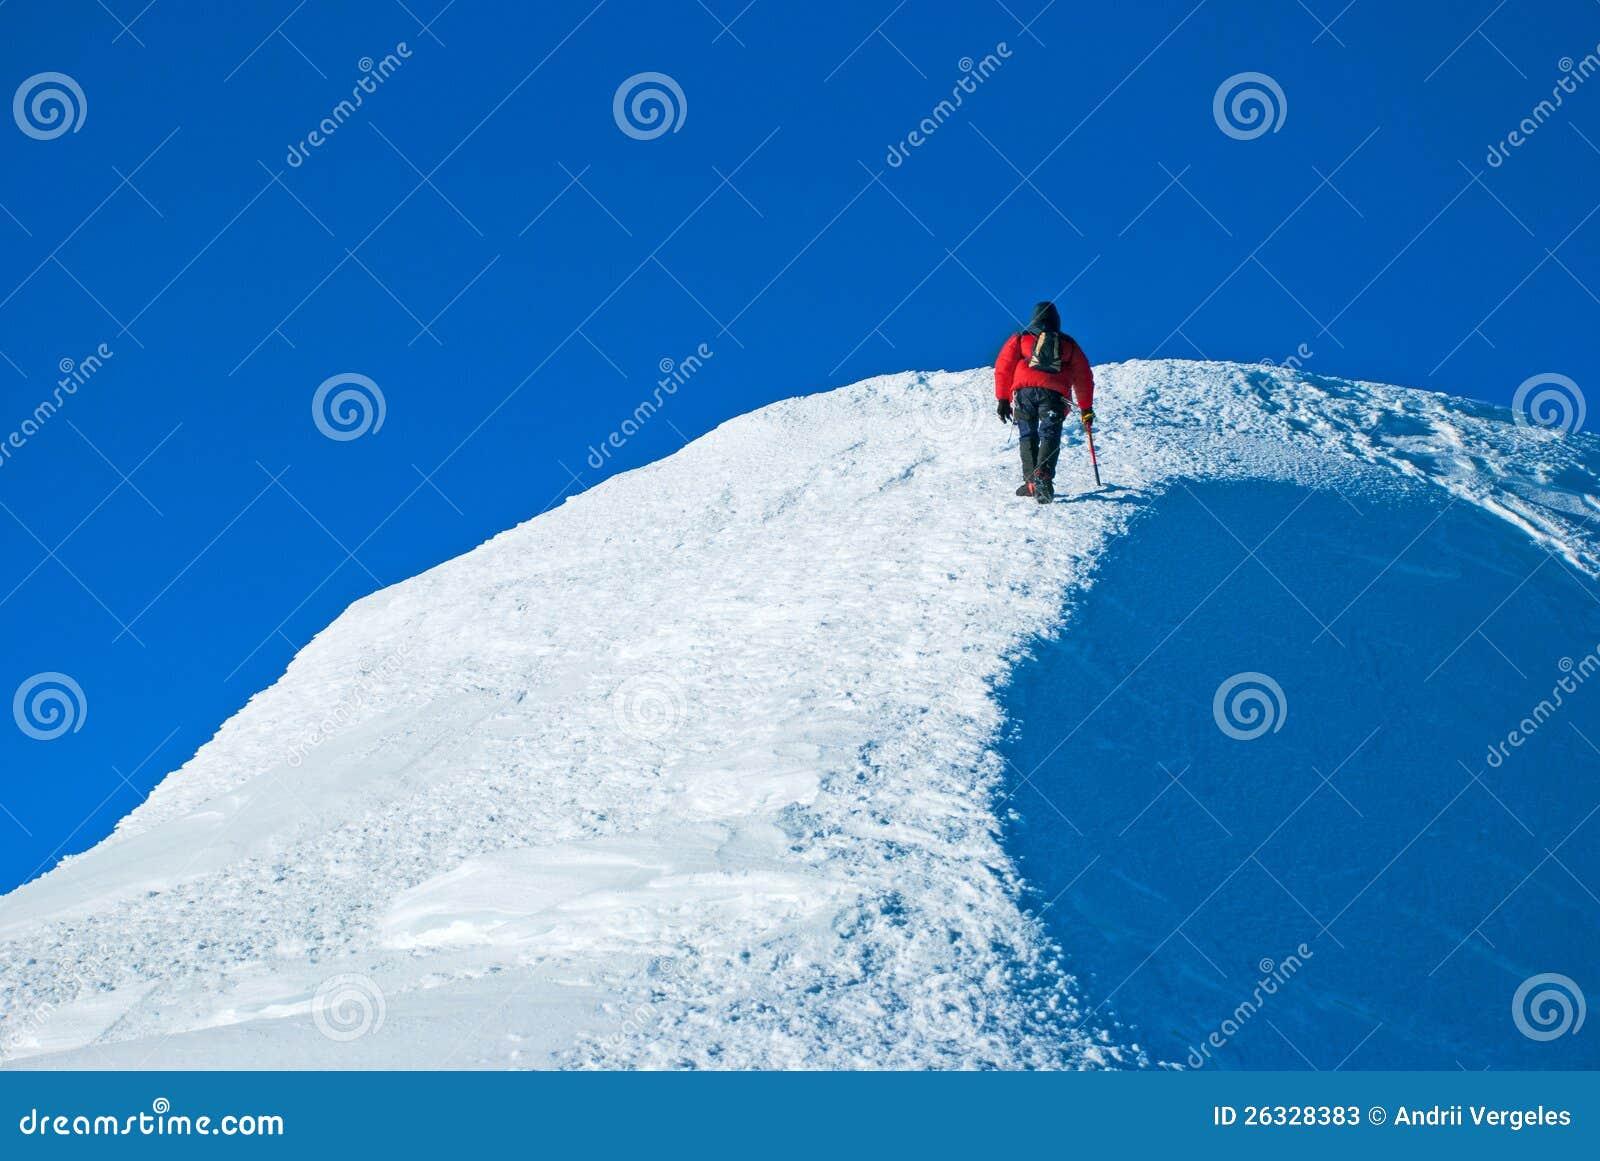 Απομονωμένος αρσενικός ορειβάτης βουνών στην κορυφή